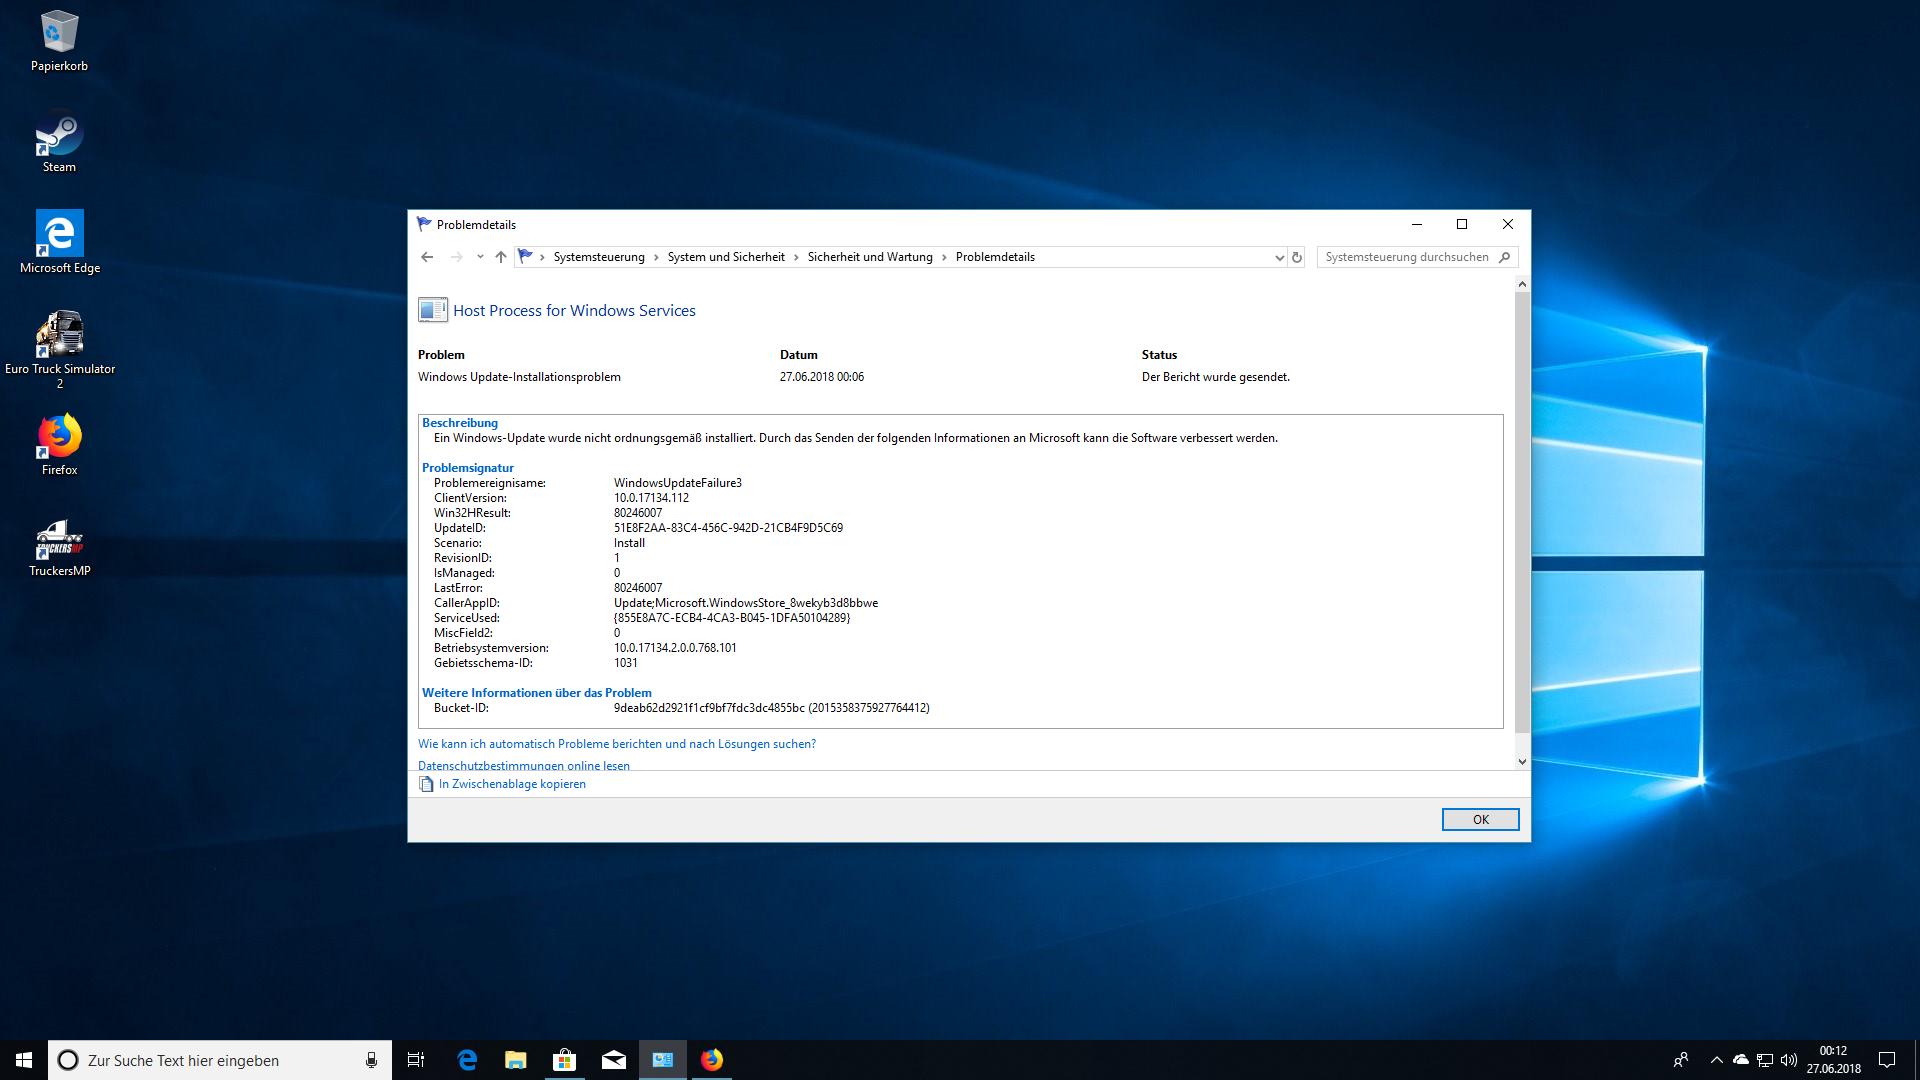 Host Process für Windows Services